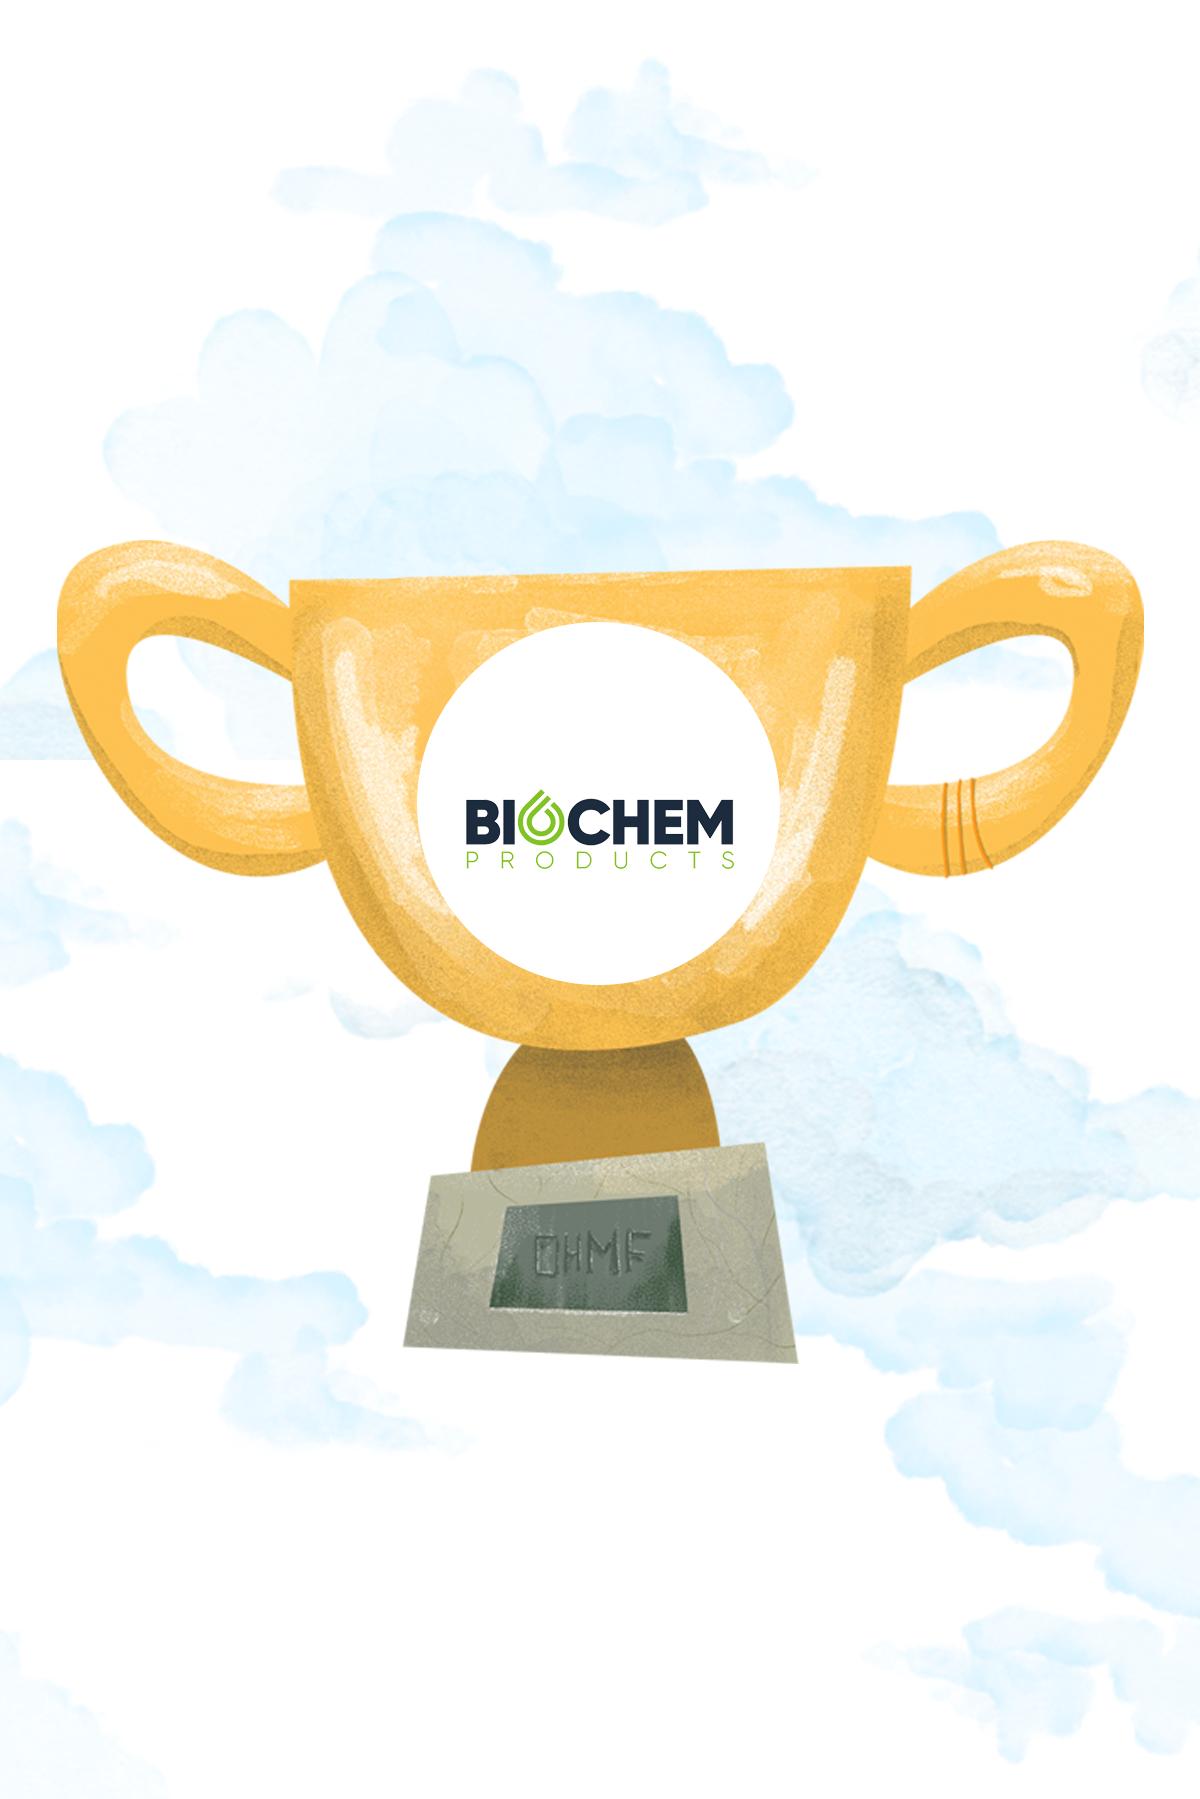 Biochem Products (Enter)